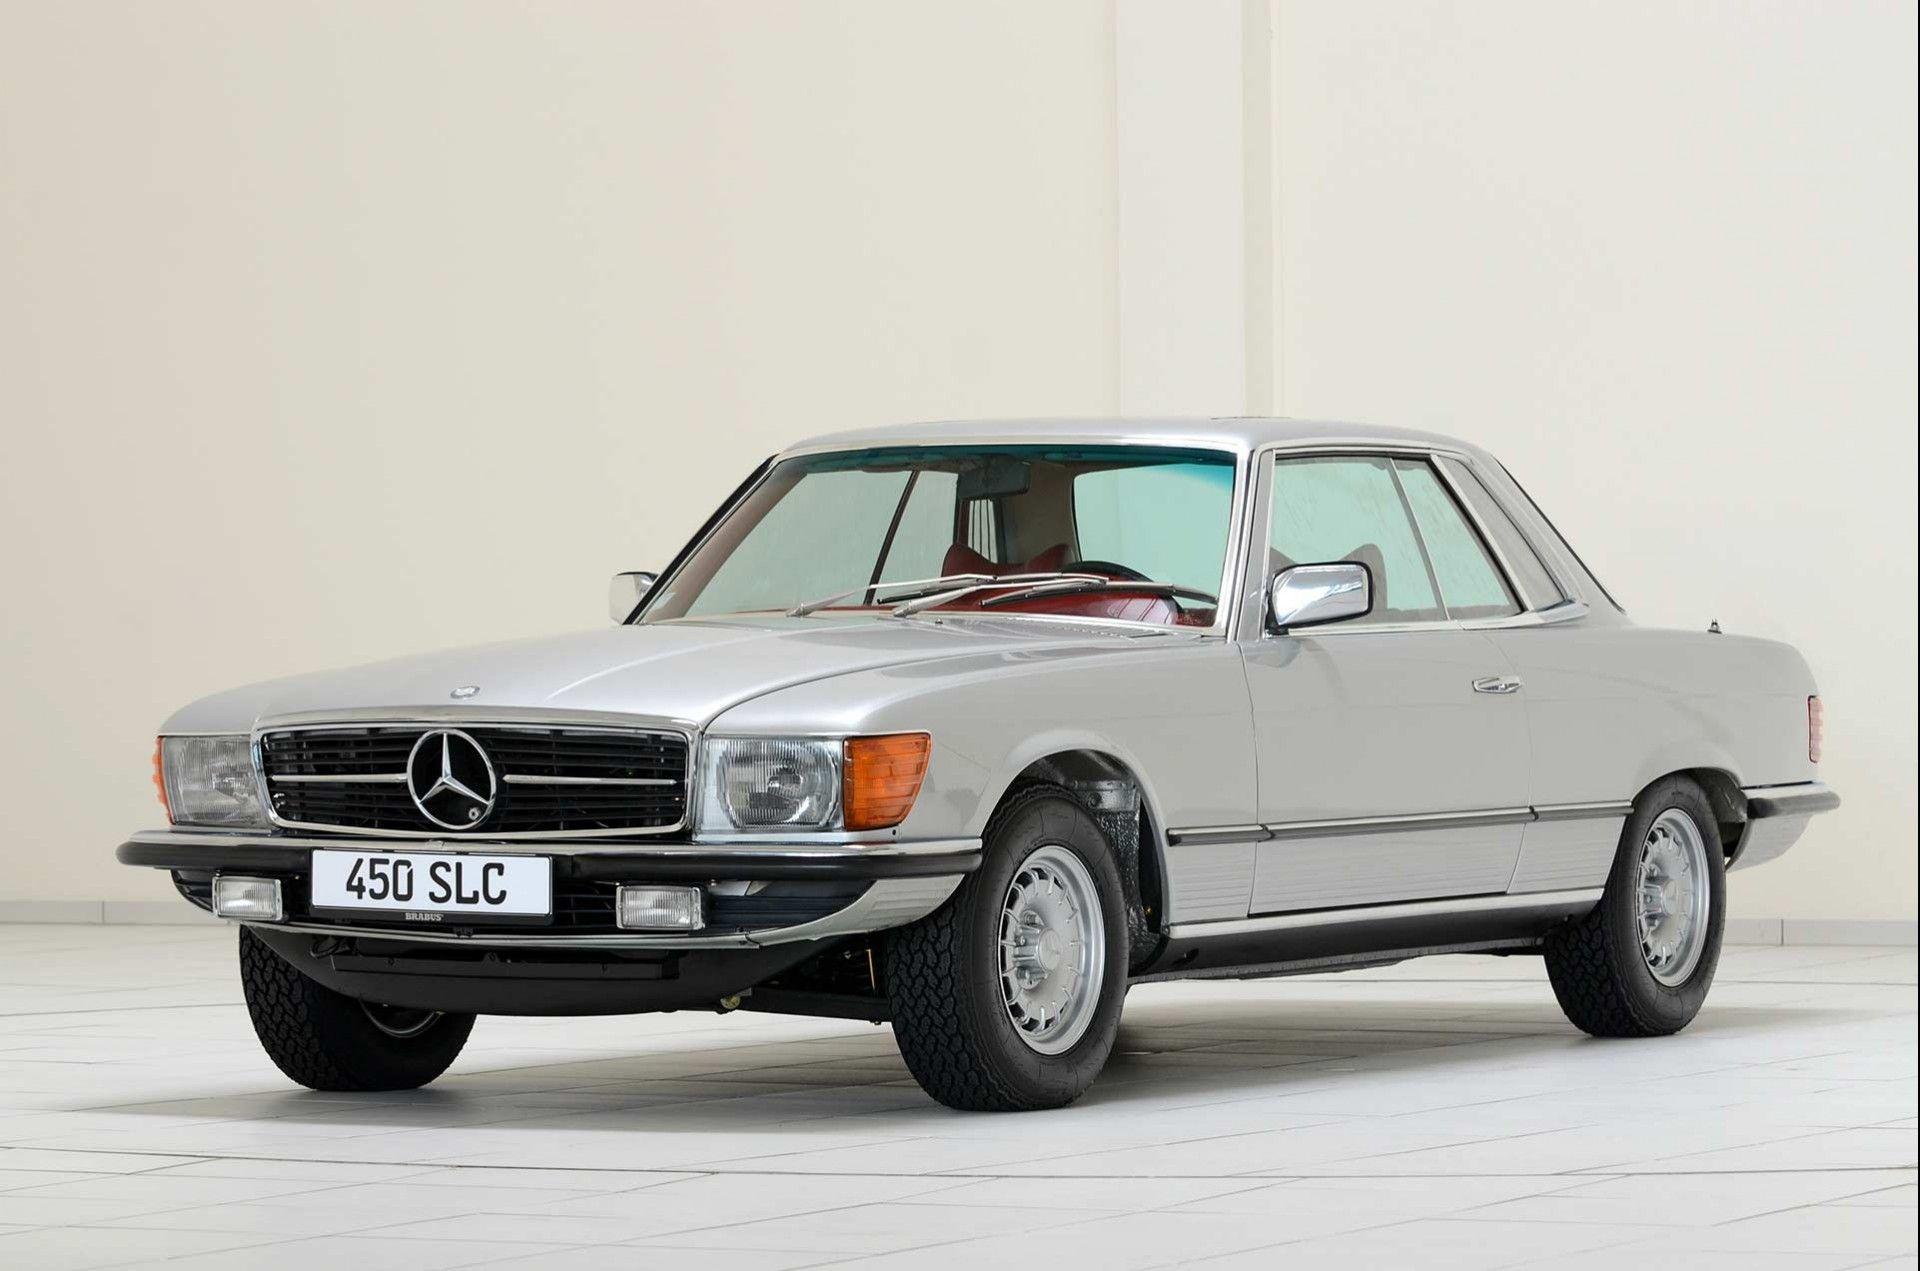 1979 mercedes benz 450 slc r 107 silver car mercedes benz c 107 slc pinterest slc. Black Bedroom Furniture Sets. Home Design Ideas